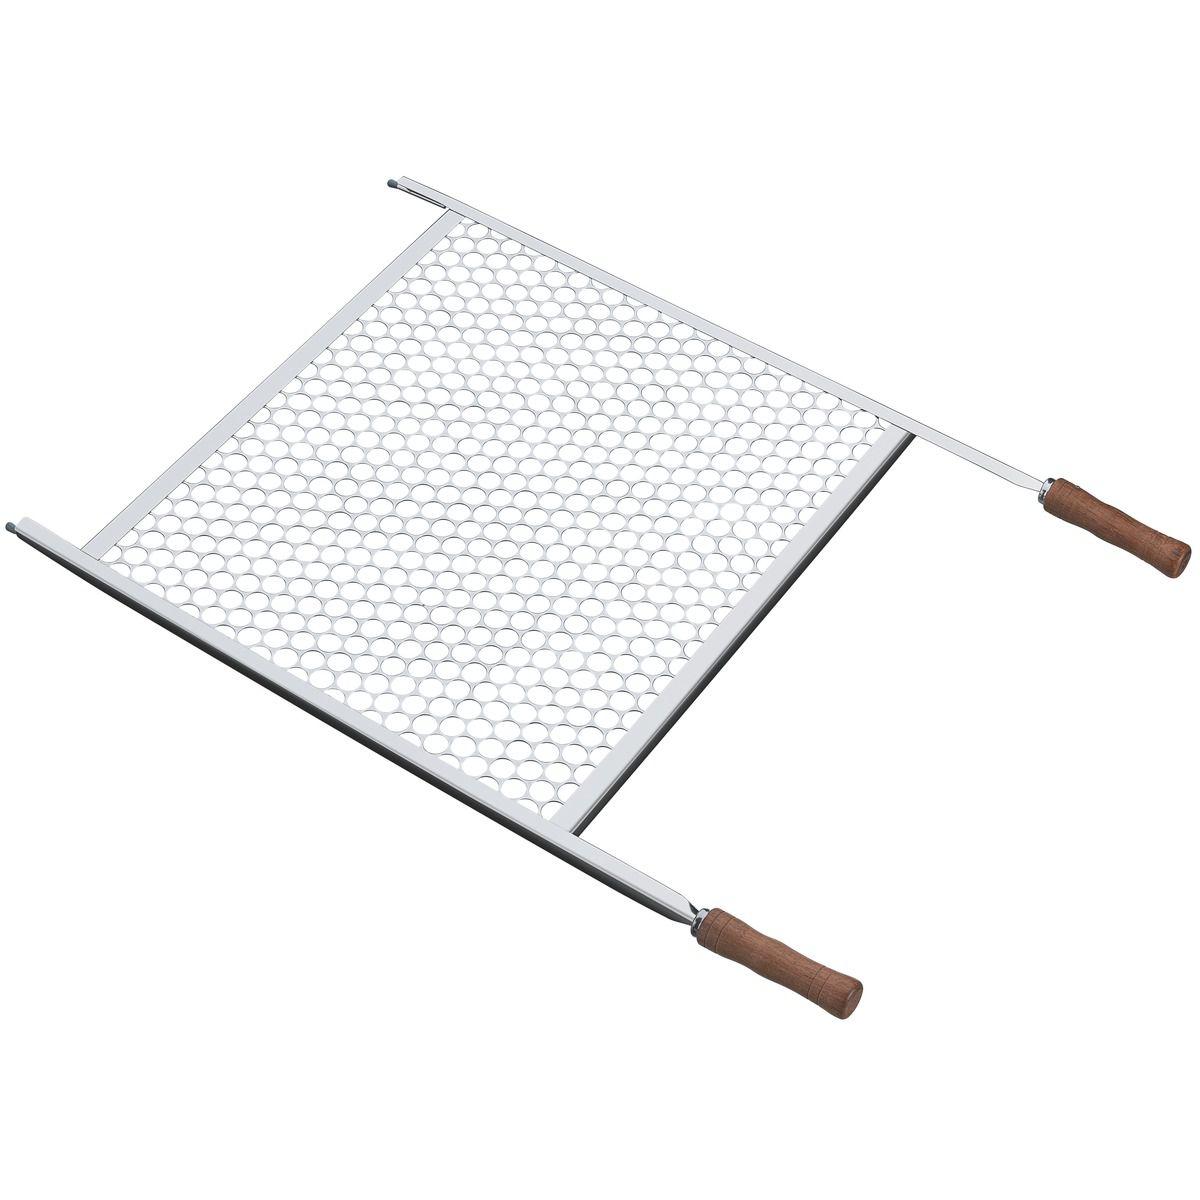 Grelha de aço inox 26490/001 | Lojas Estrela